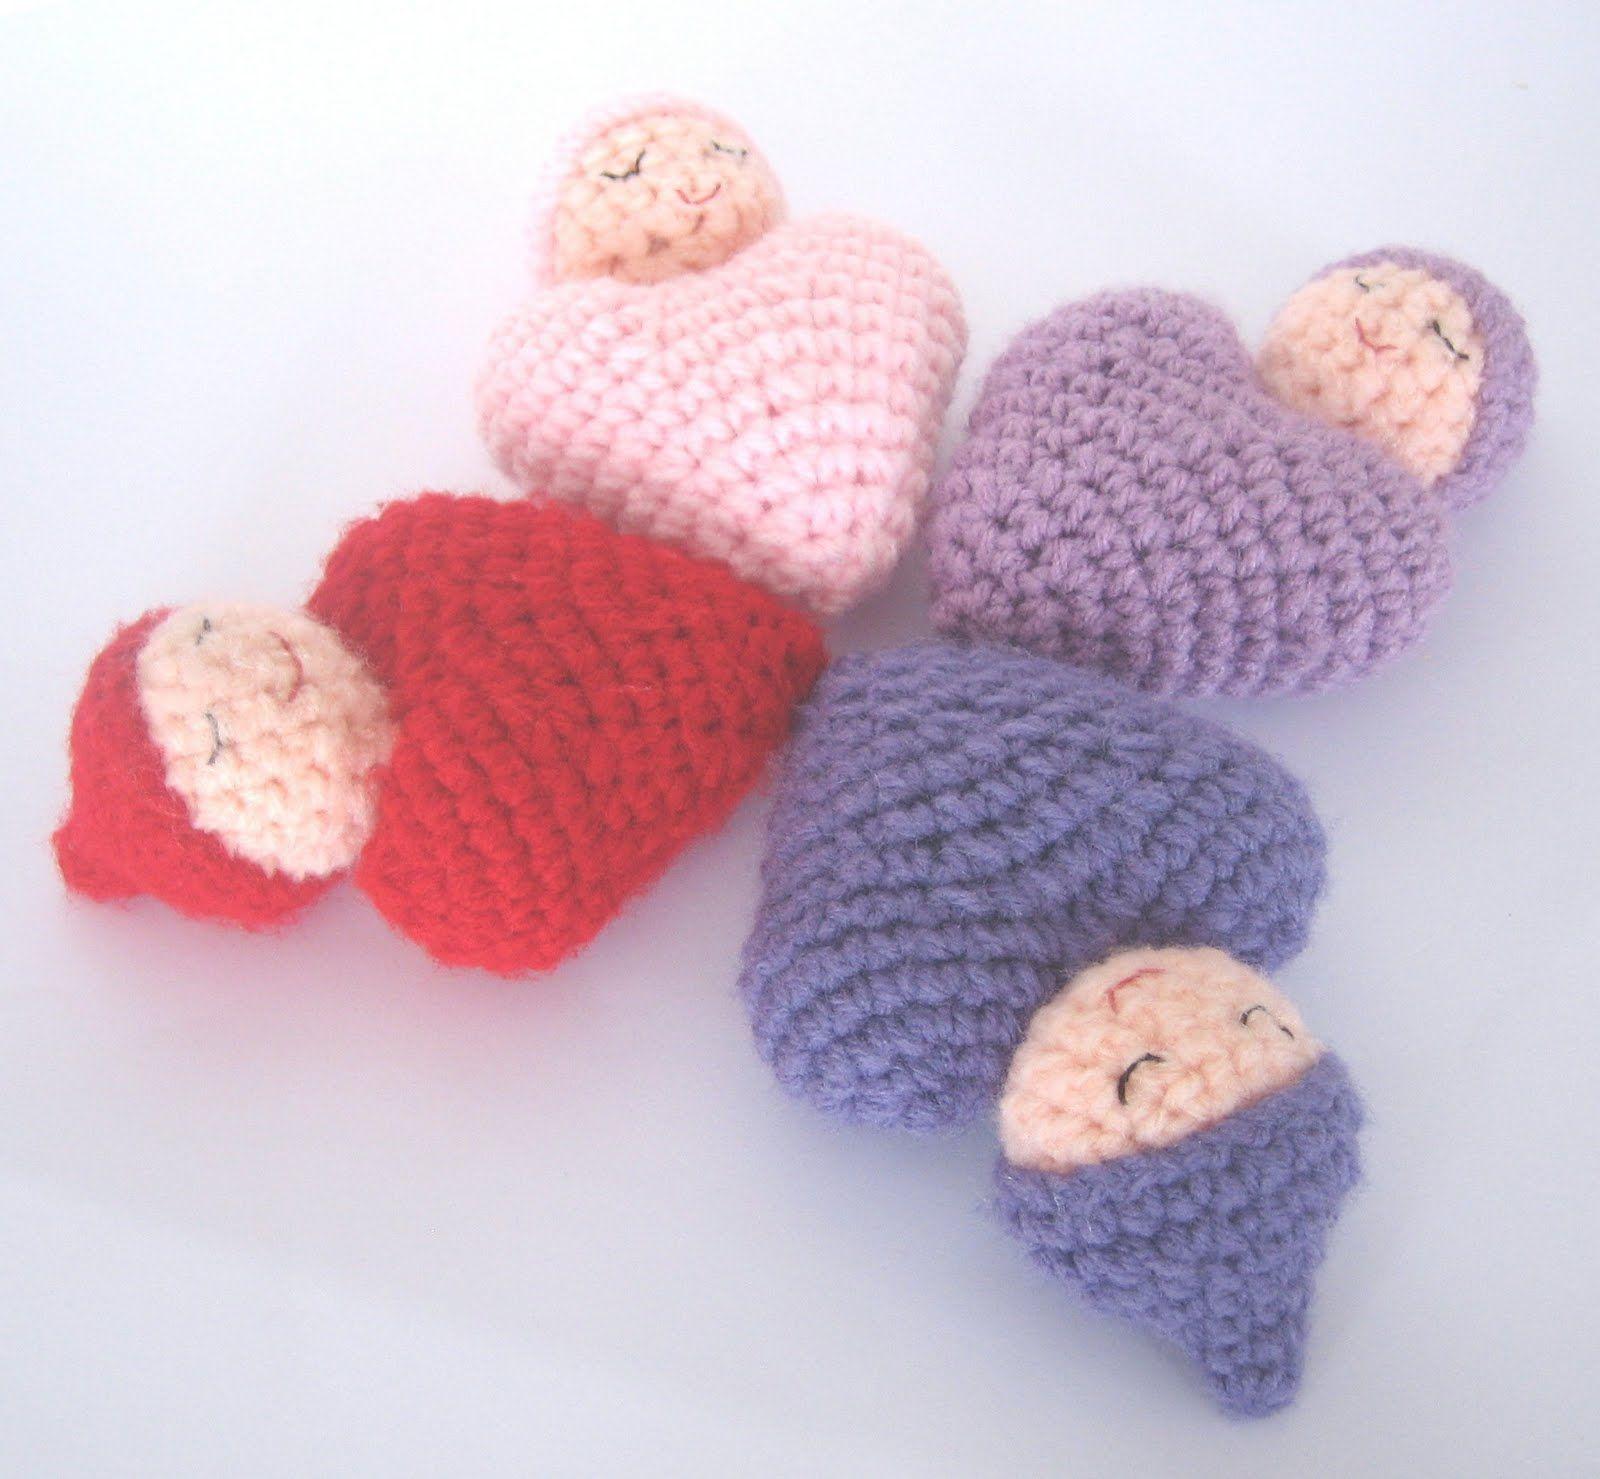 Crochet n play designs free crochet pattern heart shaped baby crochet n play designs free crochet pattern heart shaped baby doll bankloansurffo Gallery